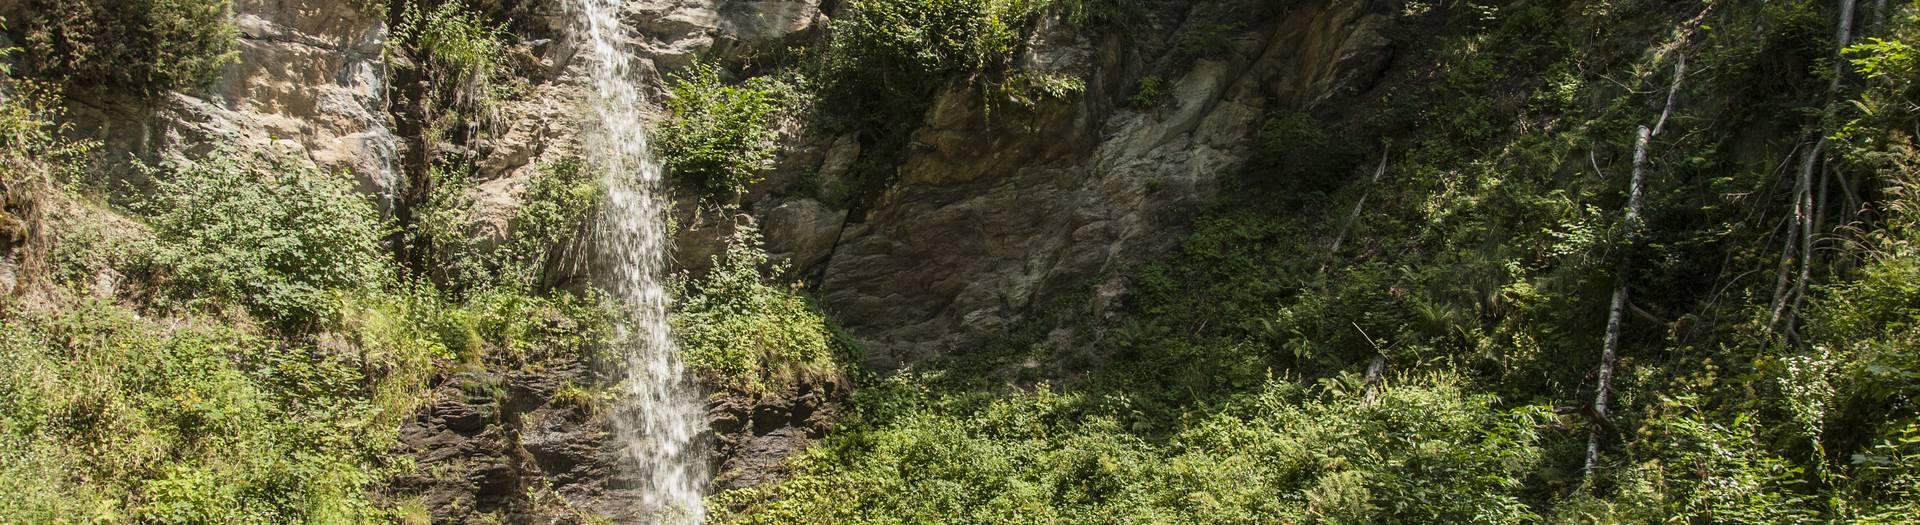 Treffen in der Region Villach mit dem Finsterbach Wasserfall